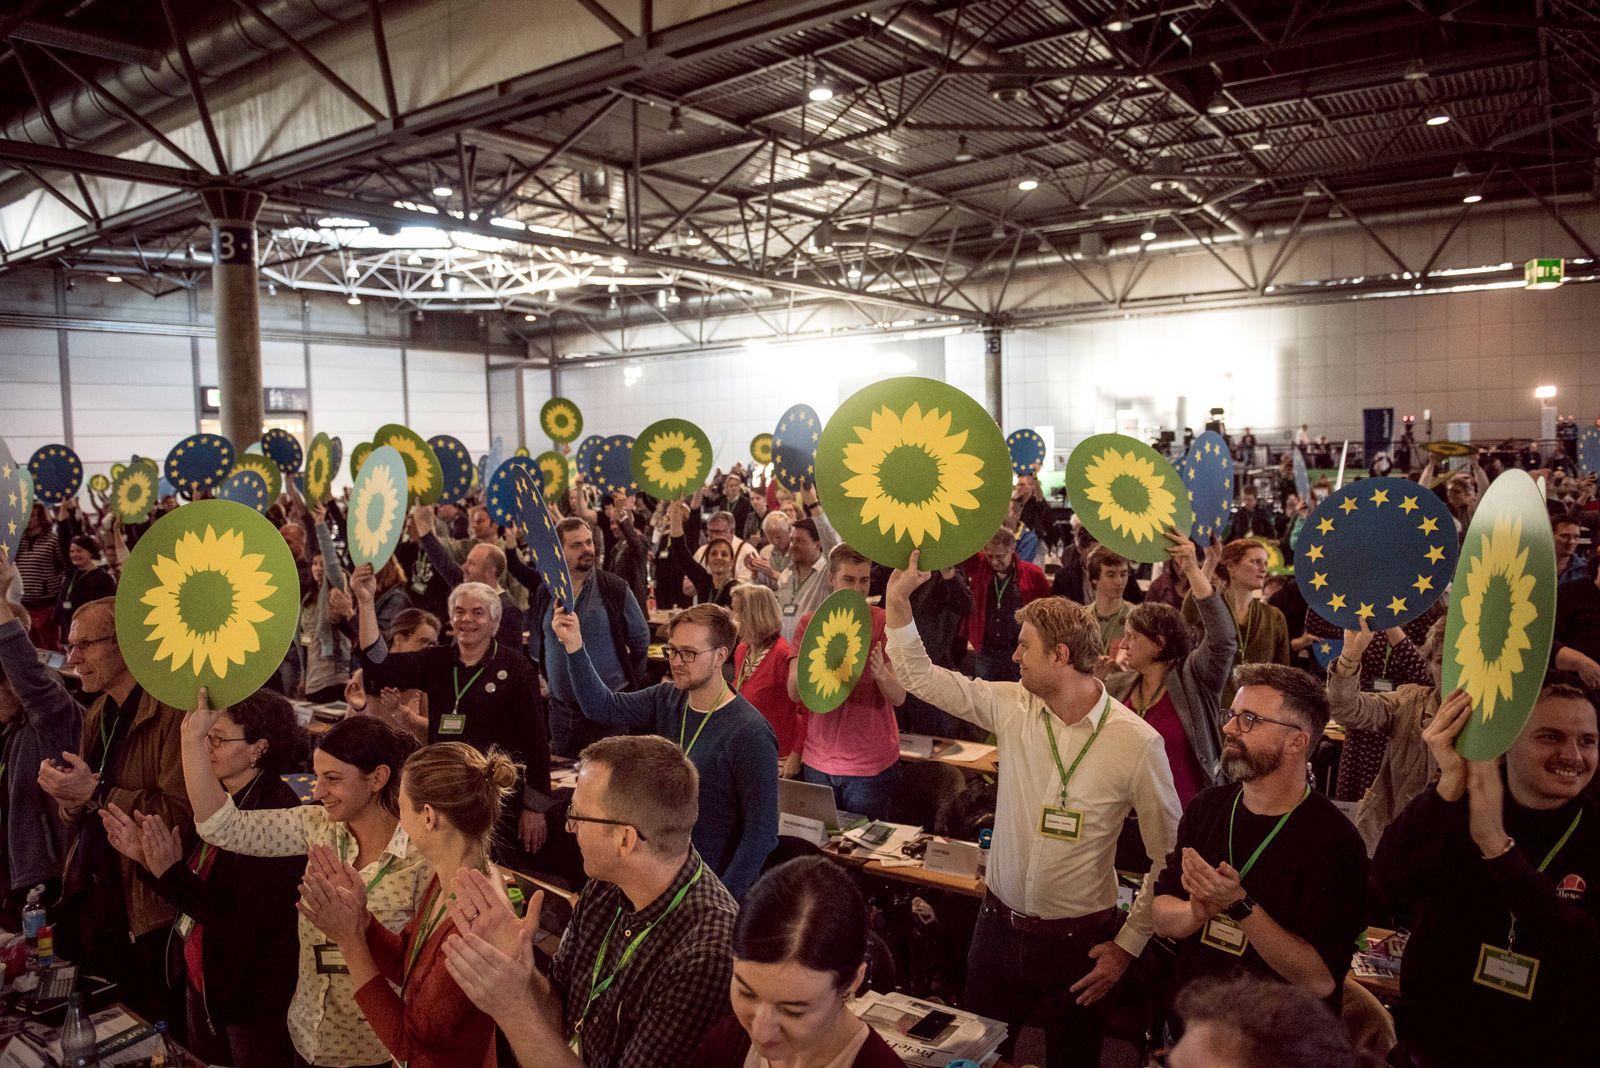 Bundesdelegiertenkonferenz BŸndnis 90 Die GrŸnen in Leipzig Freude Ÿber erfolgreiche Abstimmung de